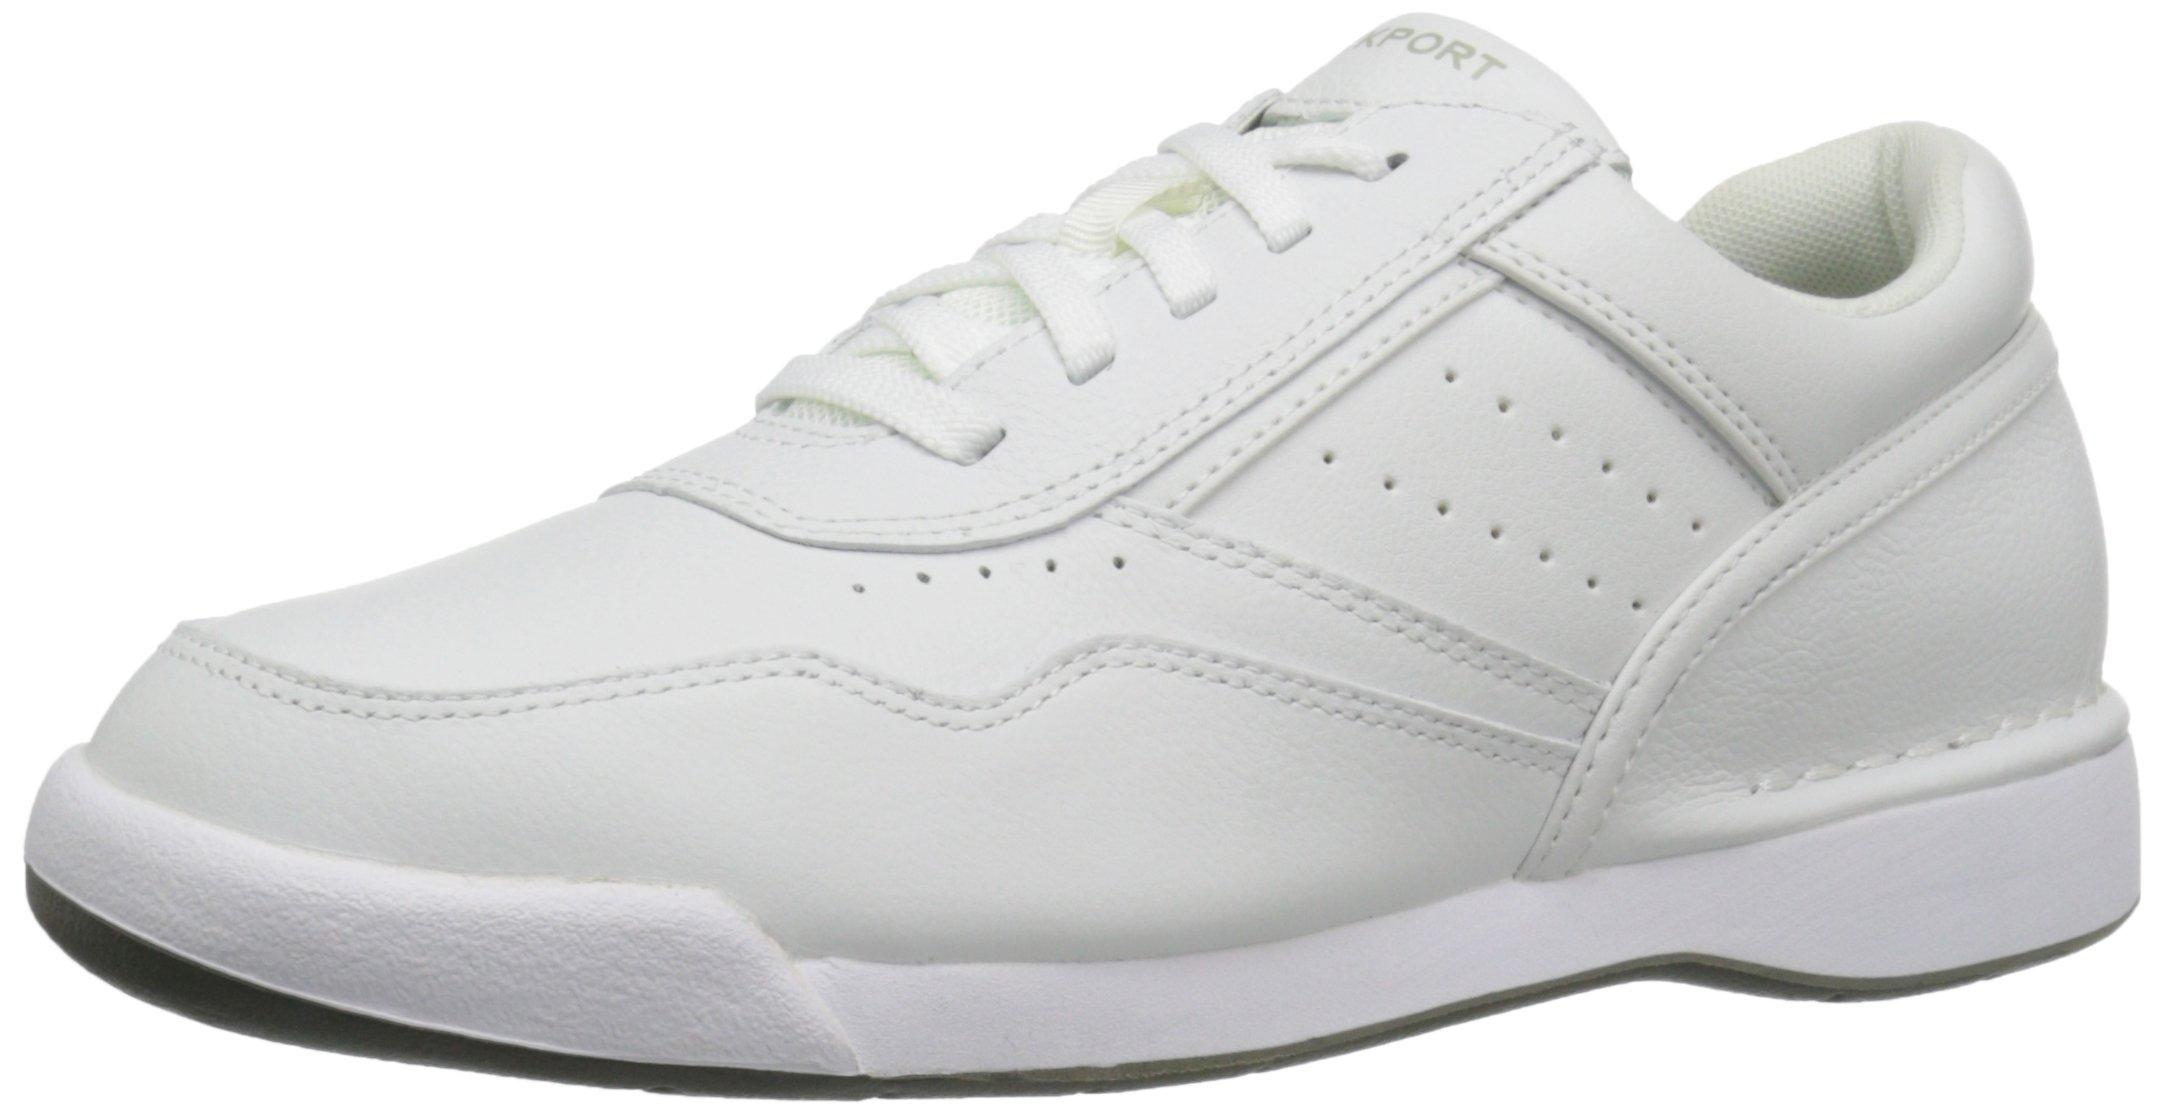 Rockport Men's M7100 Pro Walker Walking Shoe,White,13 W US by Rockport